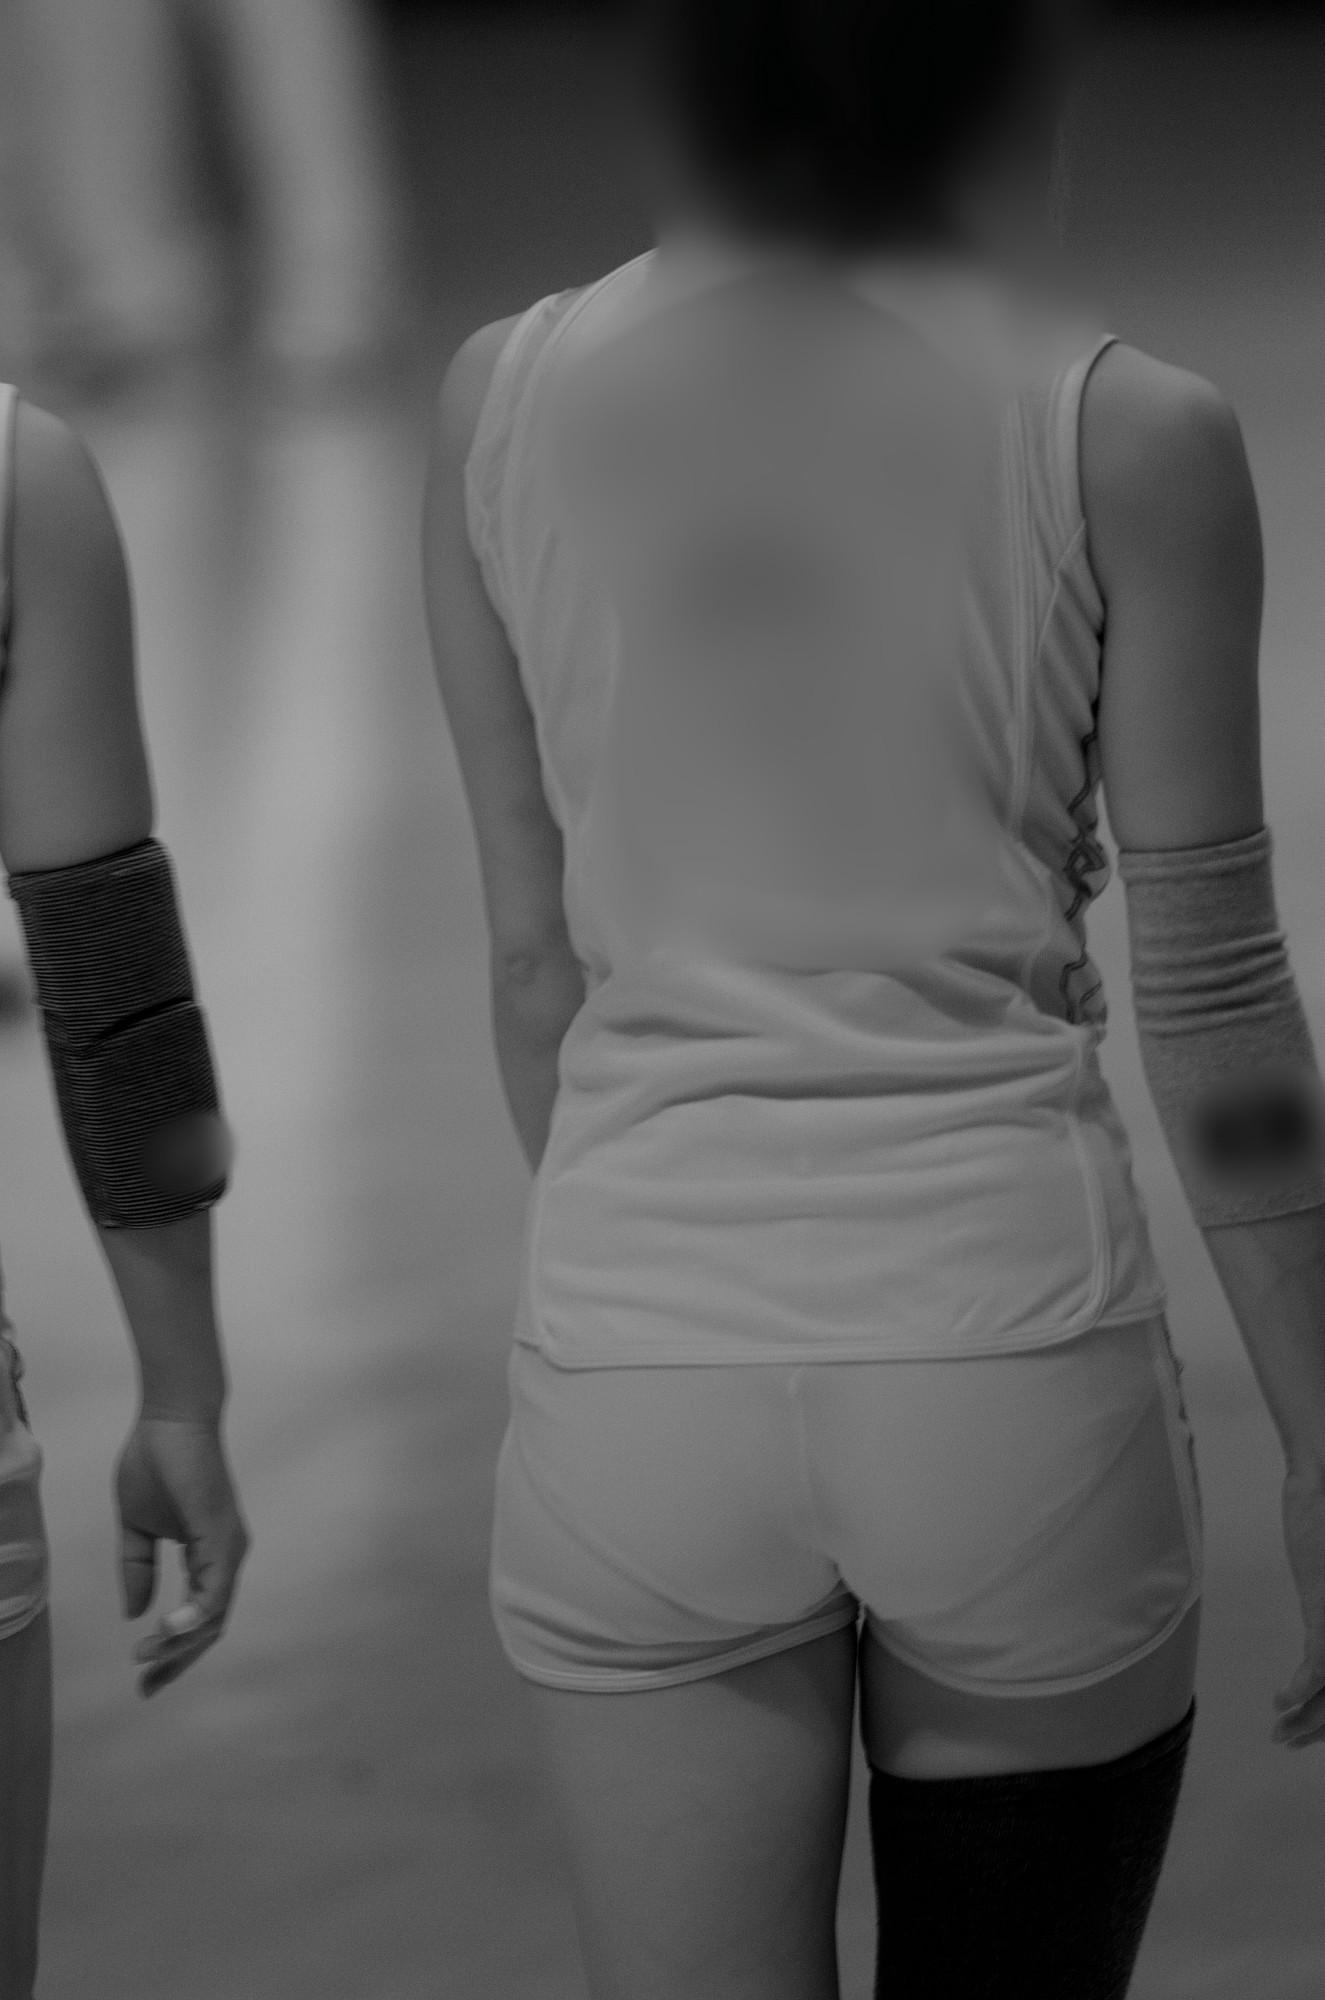 スポーツ女子のおま○こやマン毛丸見えの赤外線盗撮エロ画像8枚目